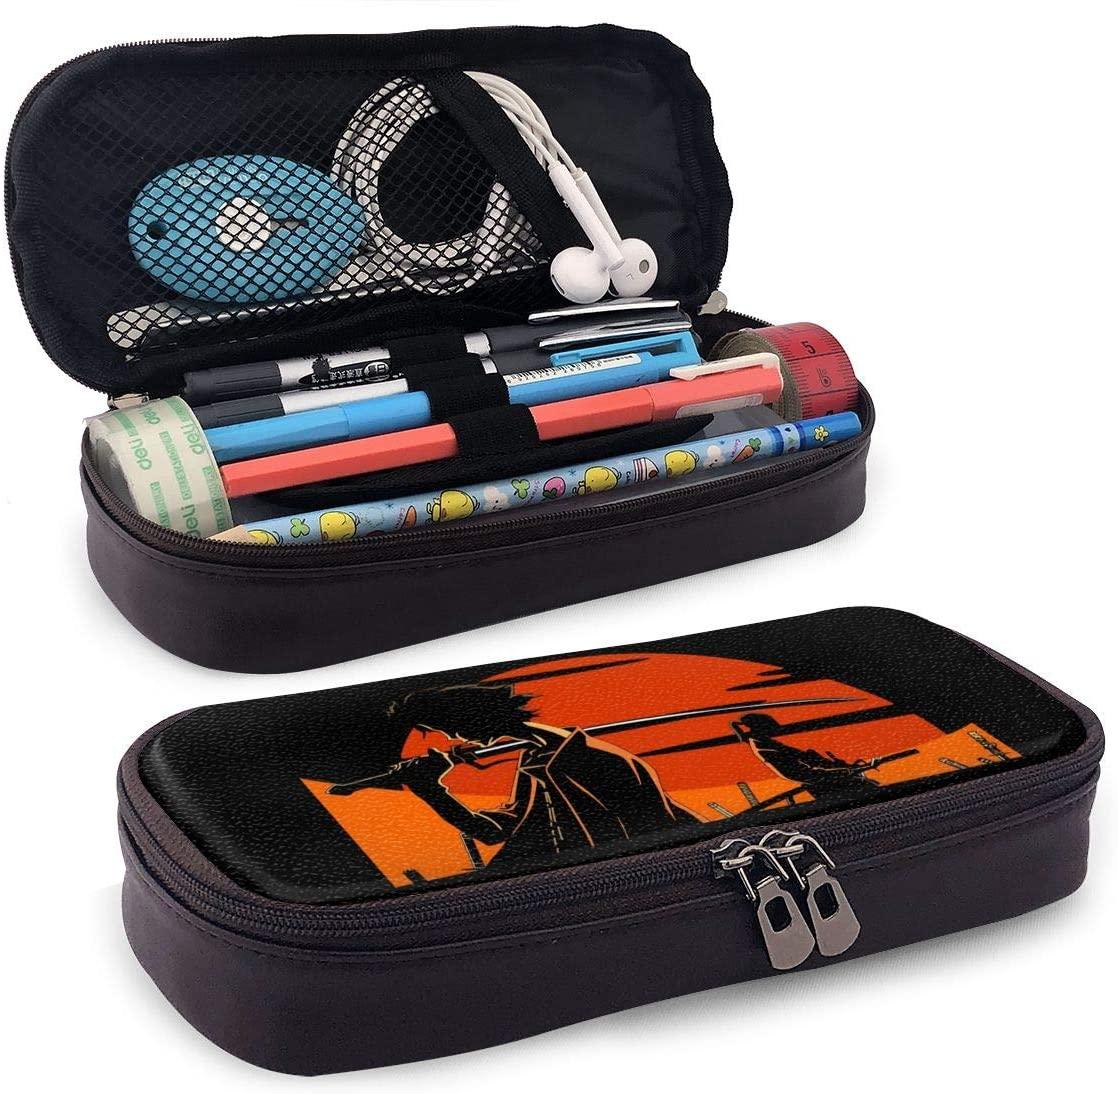 Samurai Champloo Teenager Pencil Bag, Small Tool Bag, Cosmetic Bag, Multi-Purpose Bag